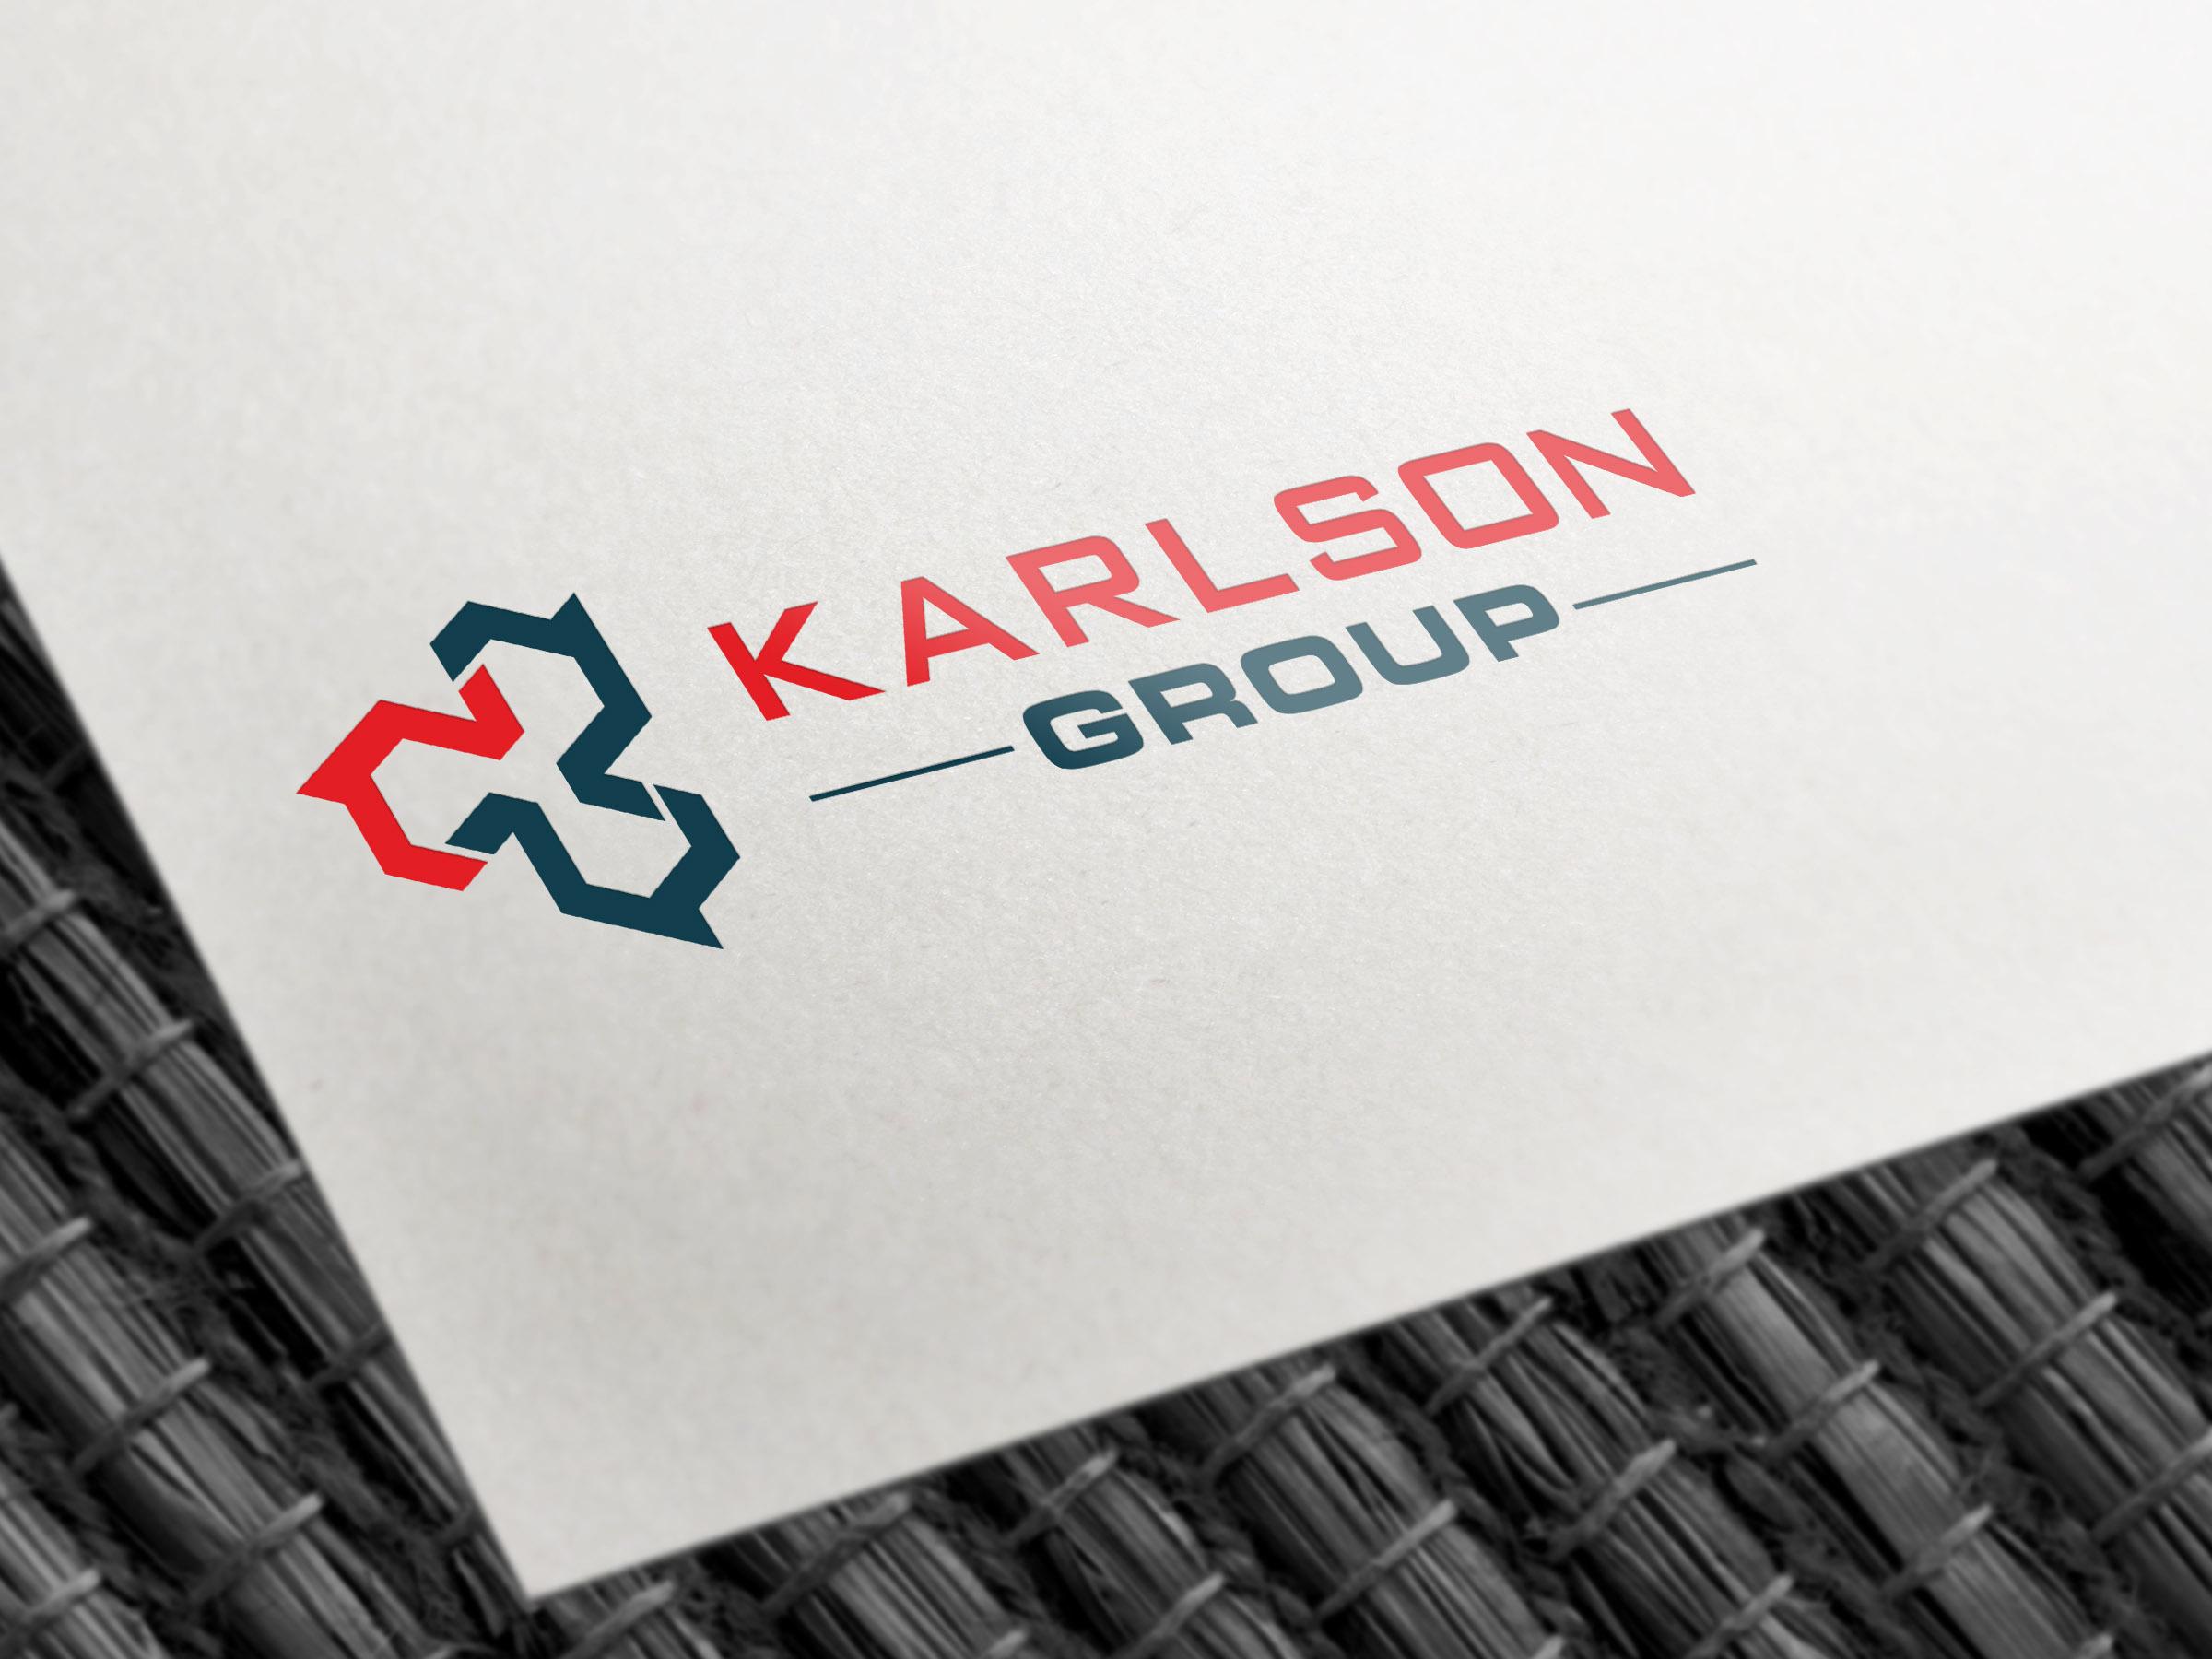 Придумать классный логотип фото f_760598d5fac6d1b4.jpg